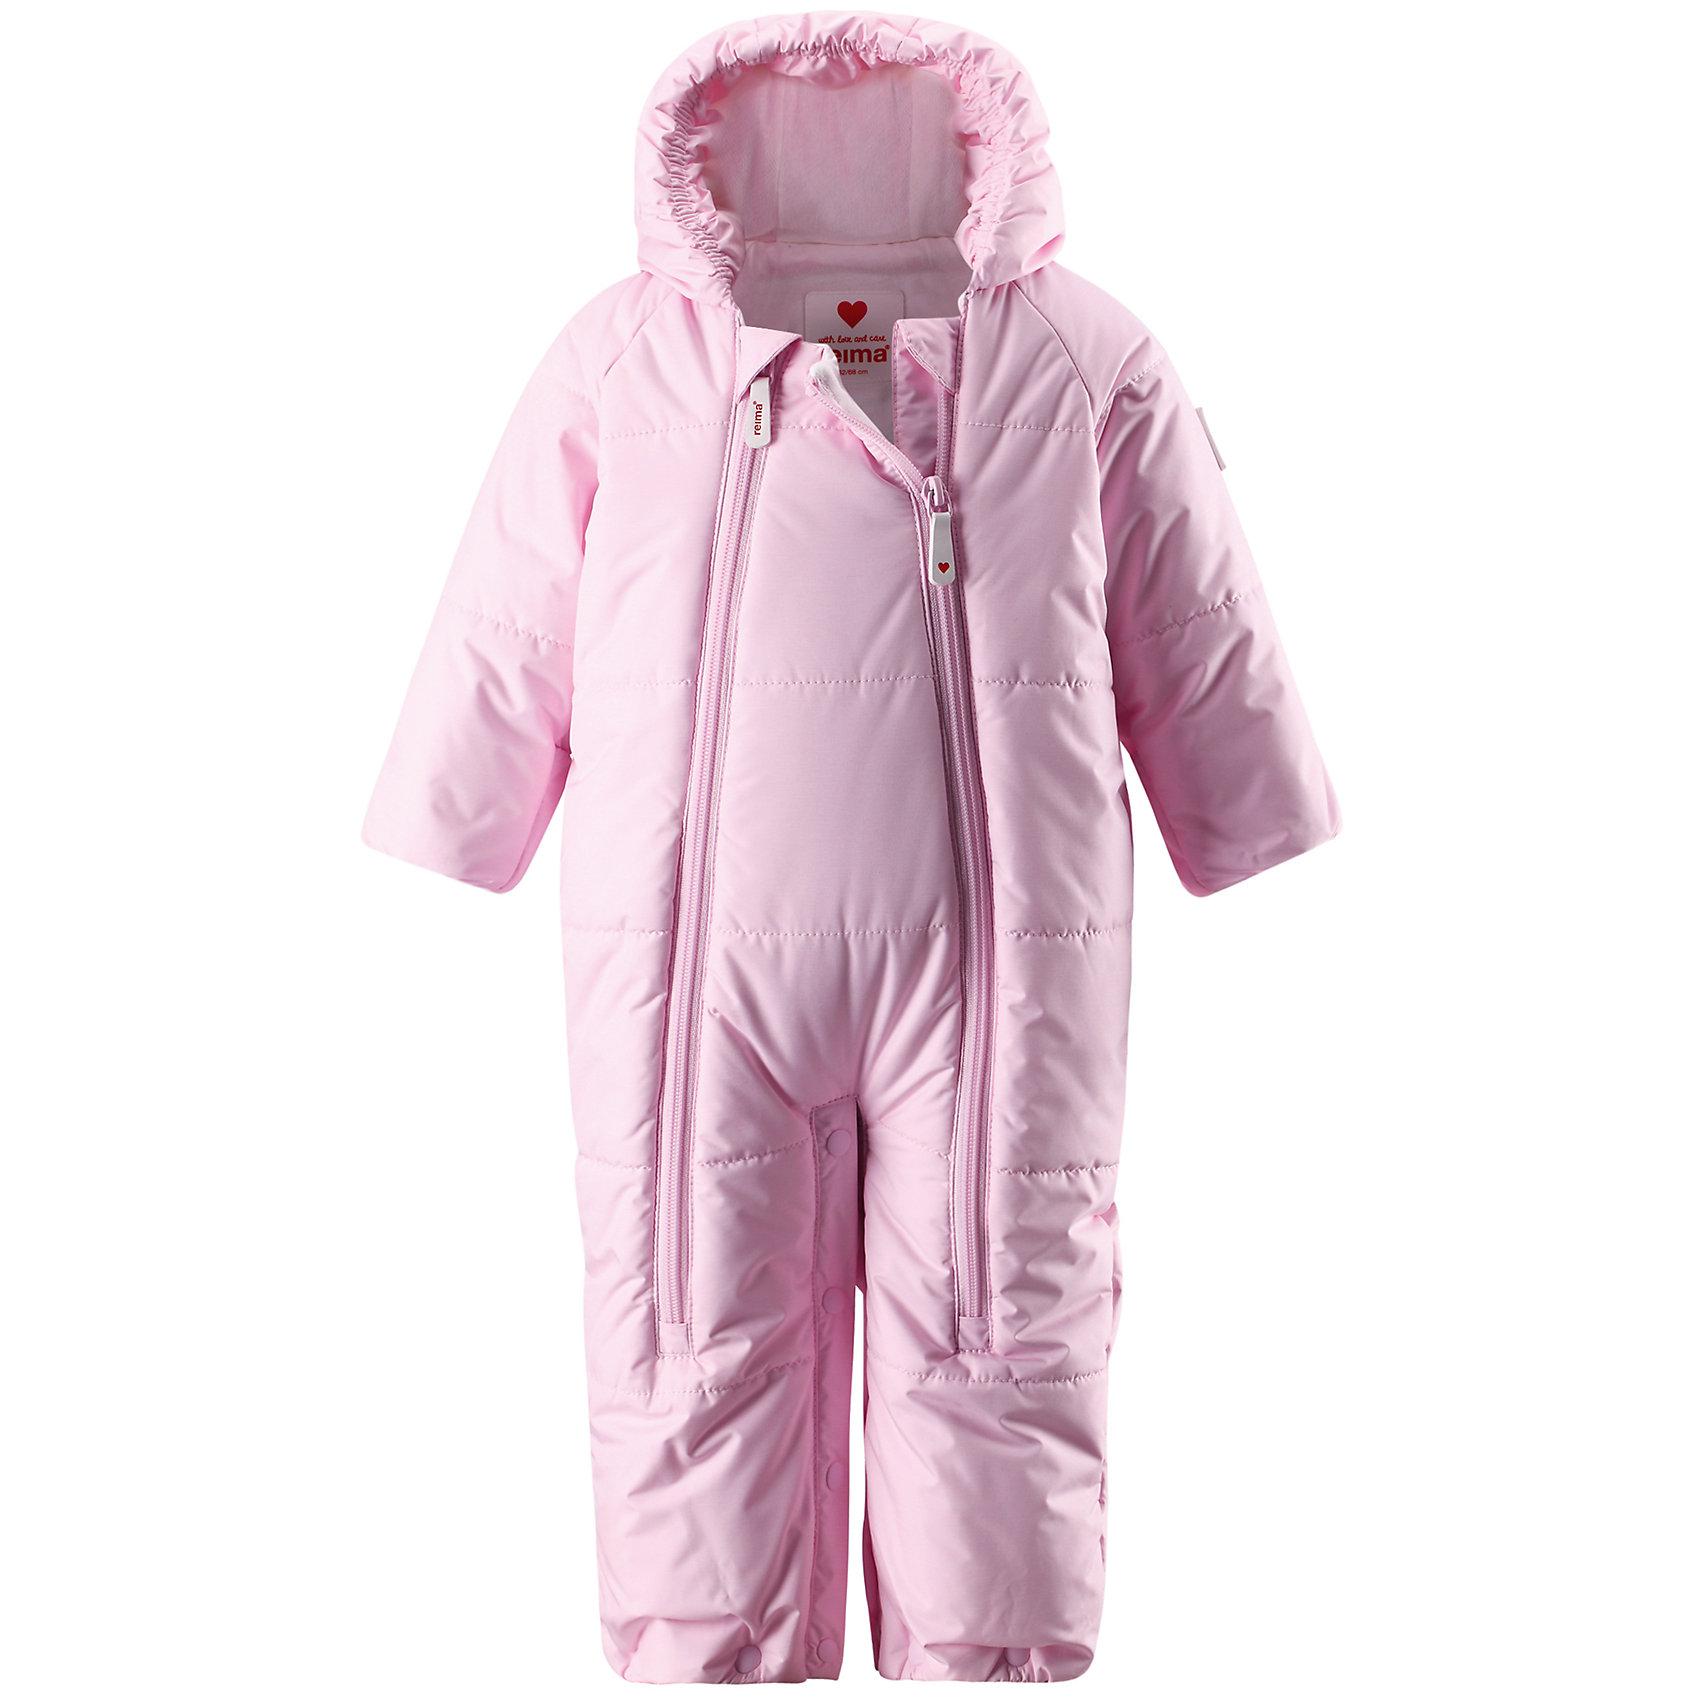 Комбинезон-конверт для девочки ReimaВодонепроницаемый зимний комбинезон для самых маленьких согреет во время прогулок в коляске. Этот зимний комбинезон-трансформер - лучшая одежда для дневного сна на свежем воздухе даже в холодные зимние деньки. Благодаря удобным кнопкам, комбинезон можно легко трансформировать в конверт. Подкладка комбинезона сделана из гладкой мягкой трикотажной ткани. Комбинезон застёгивается на молнию по всей длине, что облегчает одевание малыша. Ветронепроницаемый материал, отталкивающий воду и грязь, гарантирует новорожденным комфортные прогулки. Так как комбинезон сделан из материала, который не пропускает воздух, малыш не будет потеть и сможет спать в тепле и сухости. Благодаря подгибающимся рукавчикам, вашему малышу не понадобятся отдельные варежки для защиты крошечных ручек. Этот красивый комбинезон также удобен для поездок в автомобиле, так как его можно расстегнуть в области шагового шва, чтобы пристегнуть ремень безопасности.<br><br>Водоотталкивающий зимний комбинезон для самых маленьких<br>Трансформируется в конверт для новорожденных<br>Можно расстегнуть в области шагового шва для фиксации ремня безопасности<br>Две молнии спереди для лёгкого одевания<br>Гладкая, удобная подкладка из хлопчатобумажного трикотажа<br>Состав:<br>100% ПЭ, ПУ-покрытие<br>Высокая степень утепления (до - 30)<br><br>Конверт Reima (Рейма) можно купить в нашем магазине.<br><br>Ширина мм: 356<br>Глубина мм: 10<br>Высота мм: 245<br>Вес г: 519<br>Цвет: розовый<br>Возраст от месяцев: 2<br>Возраст до месяцев: 5<br>Пол: Женский<br>Возраст: Детский<br>Размер: 62,74,50<br>SKU: 4208007